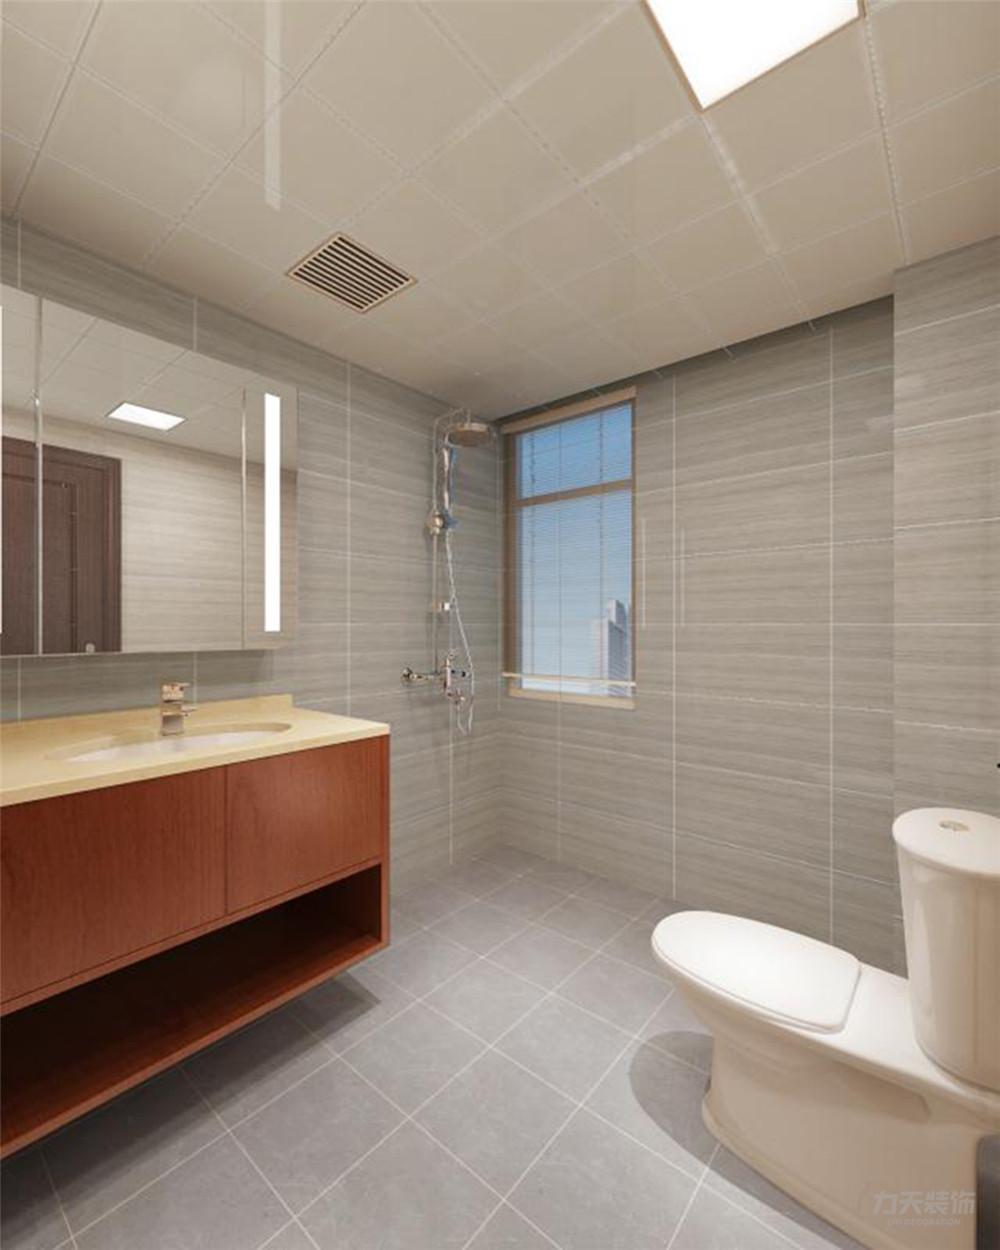 三居 白领 收纳 80后 小资 卫生间图片来自阳光力天装饰在力天装饰 汇和家园 115㎡ 新中式的分享